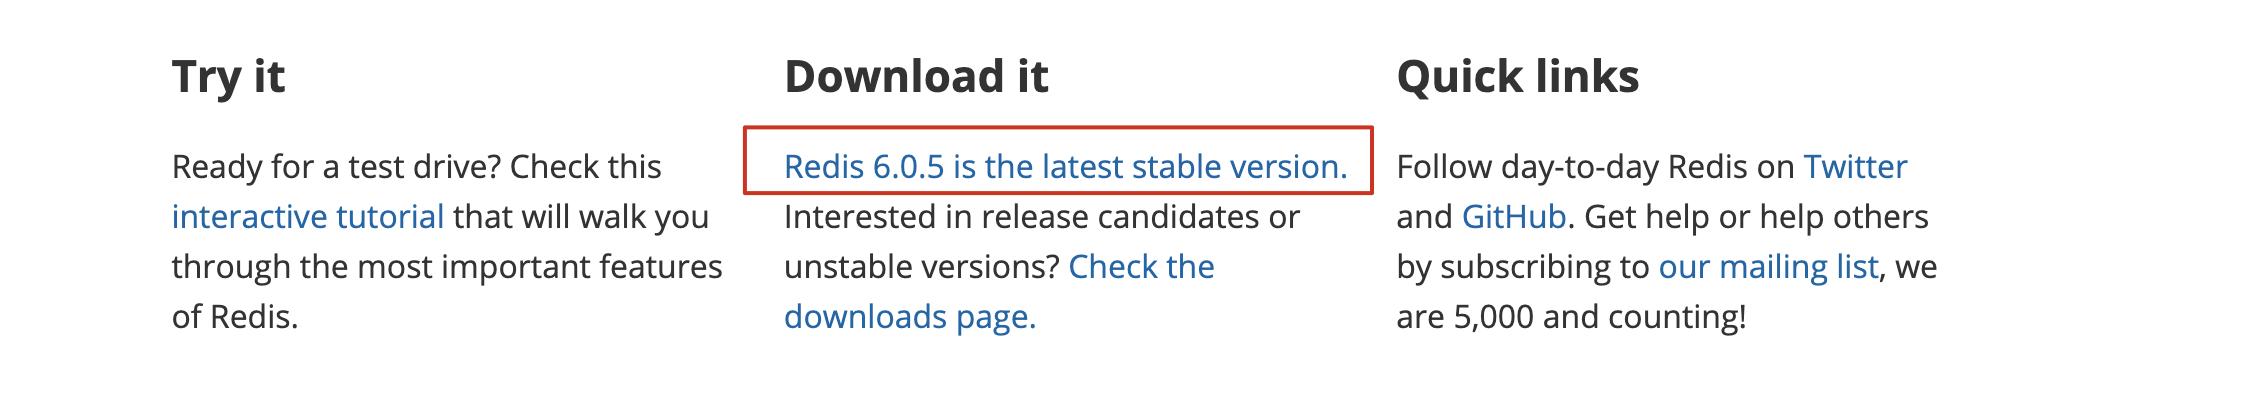 如何在Linux系统上安装Redis缓存呢?-图文教程插图